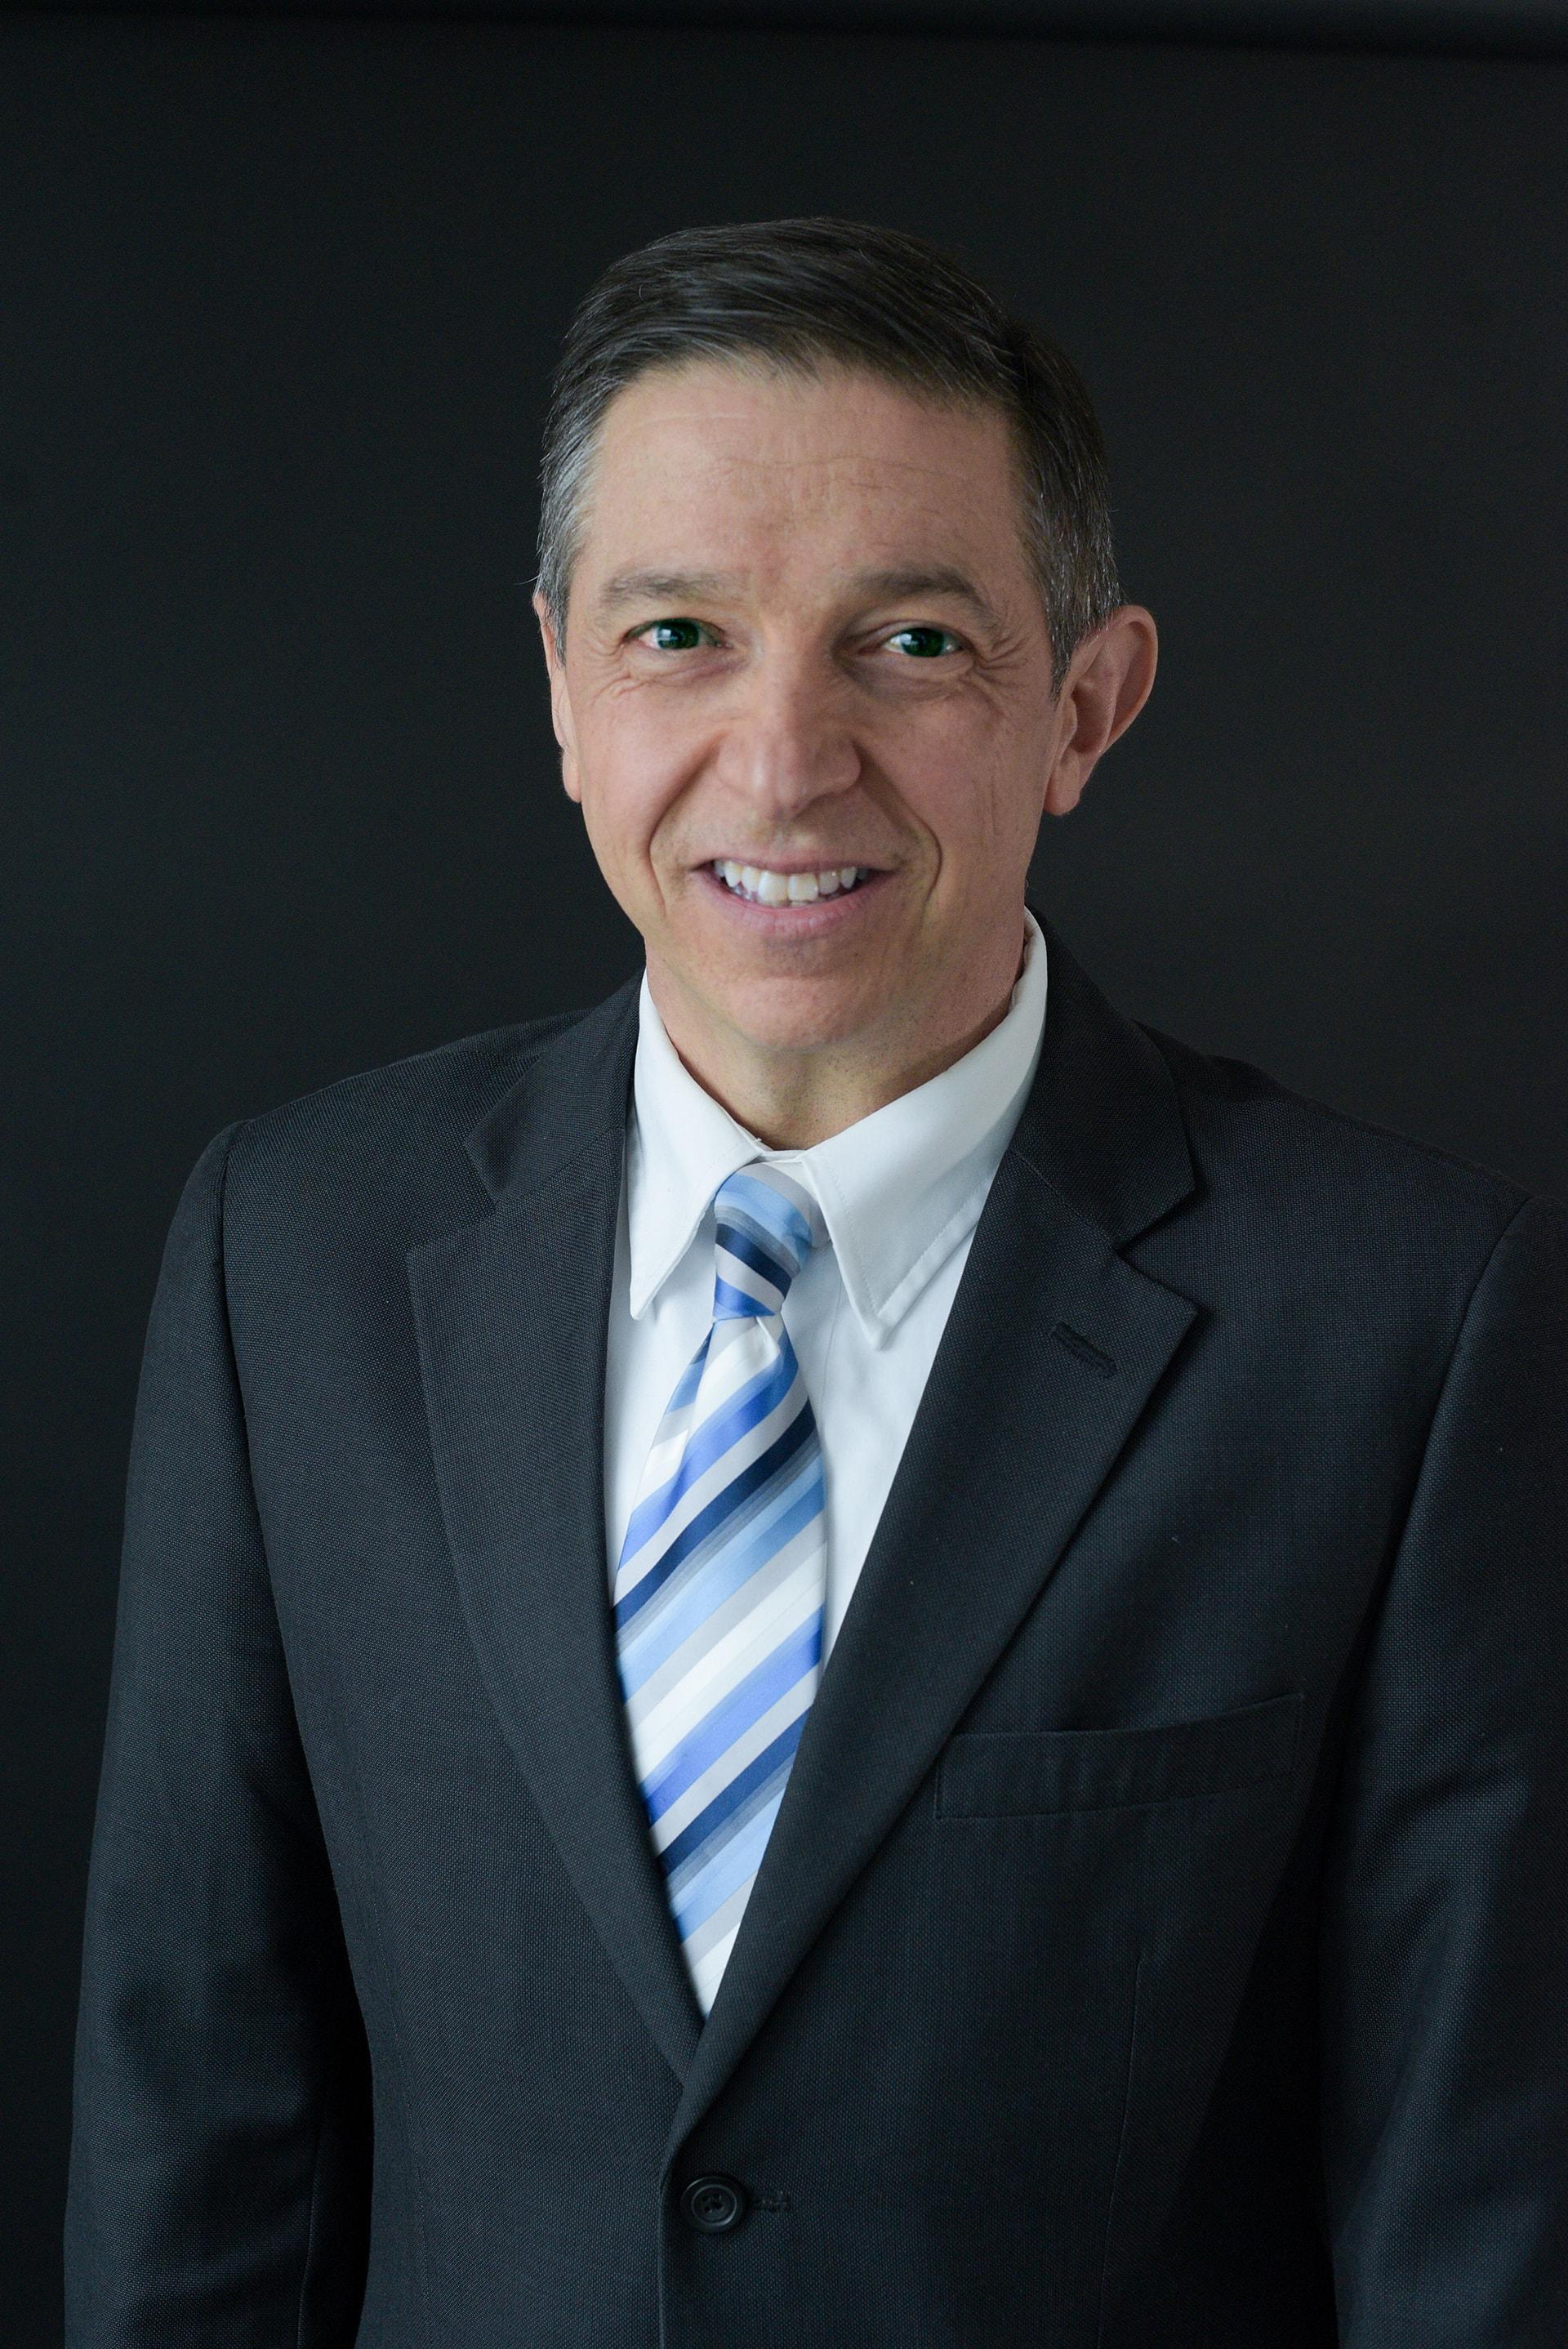 Gerard Malanga, MD